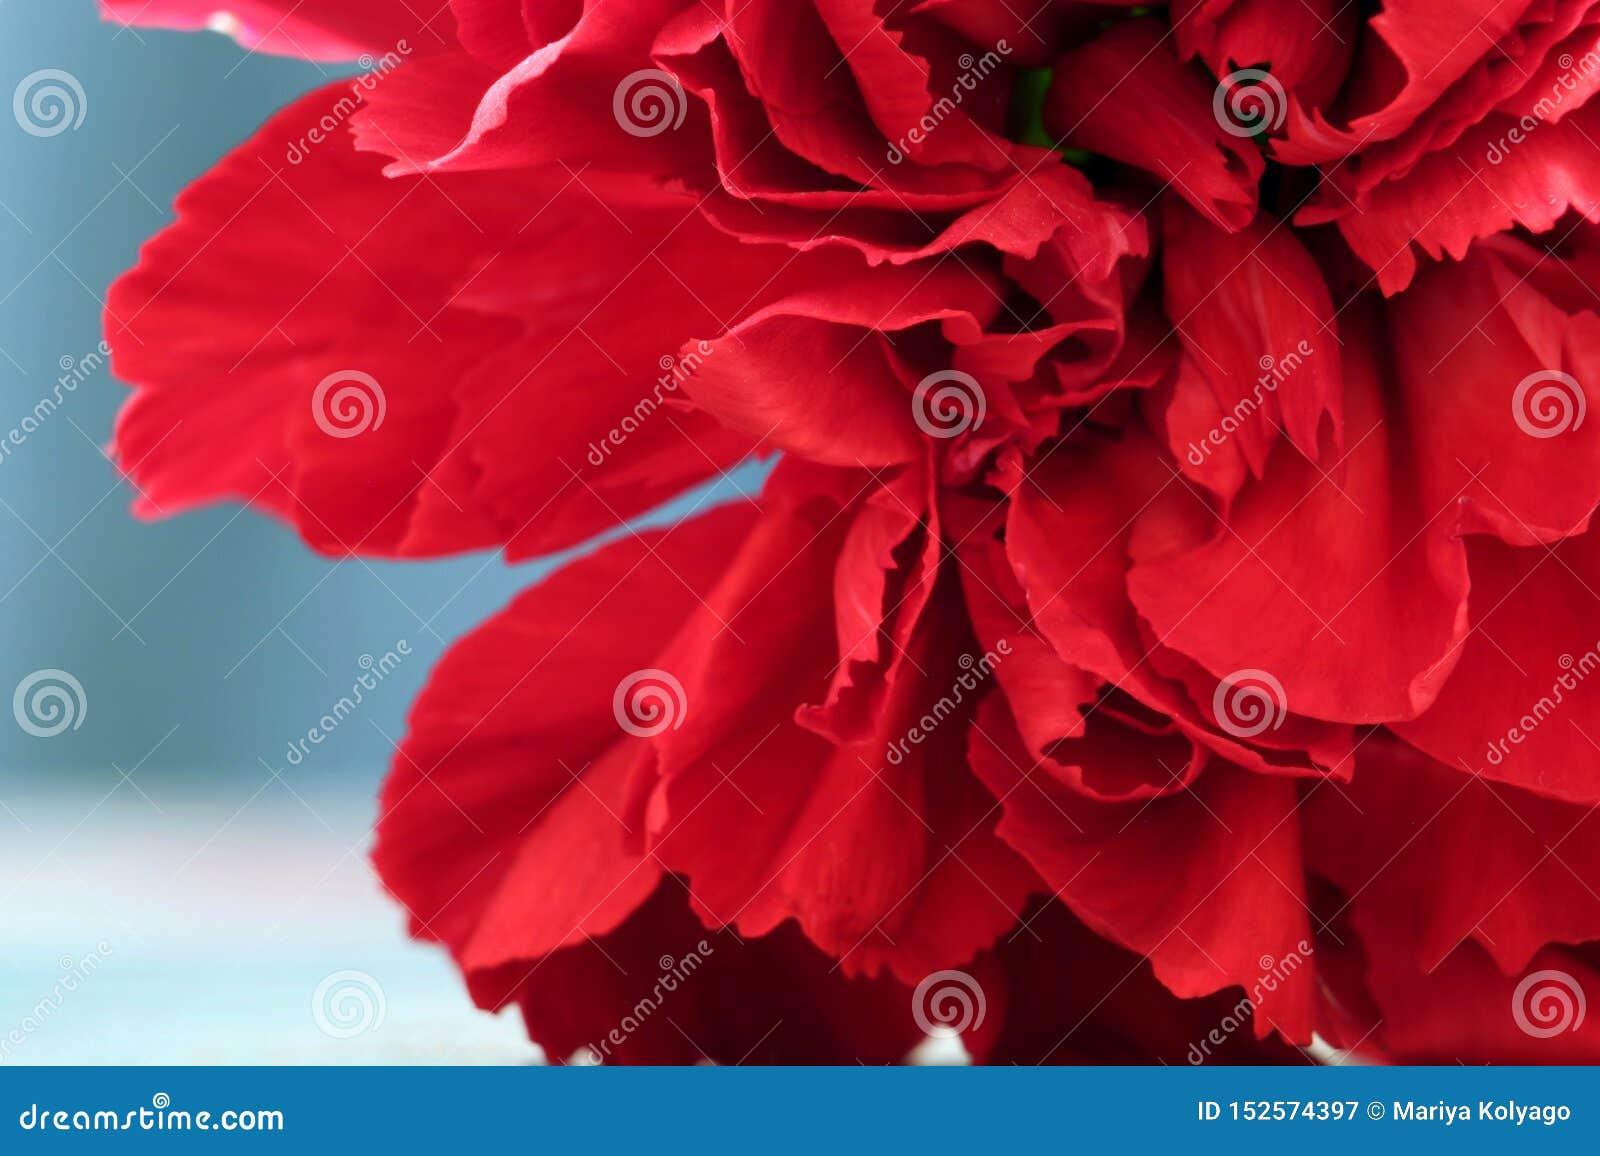 红色康乃馨花宏观照片作为背景